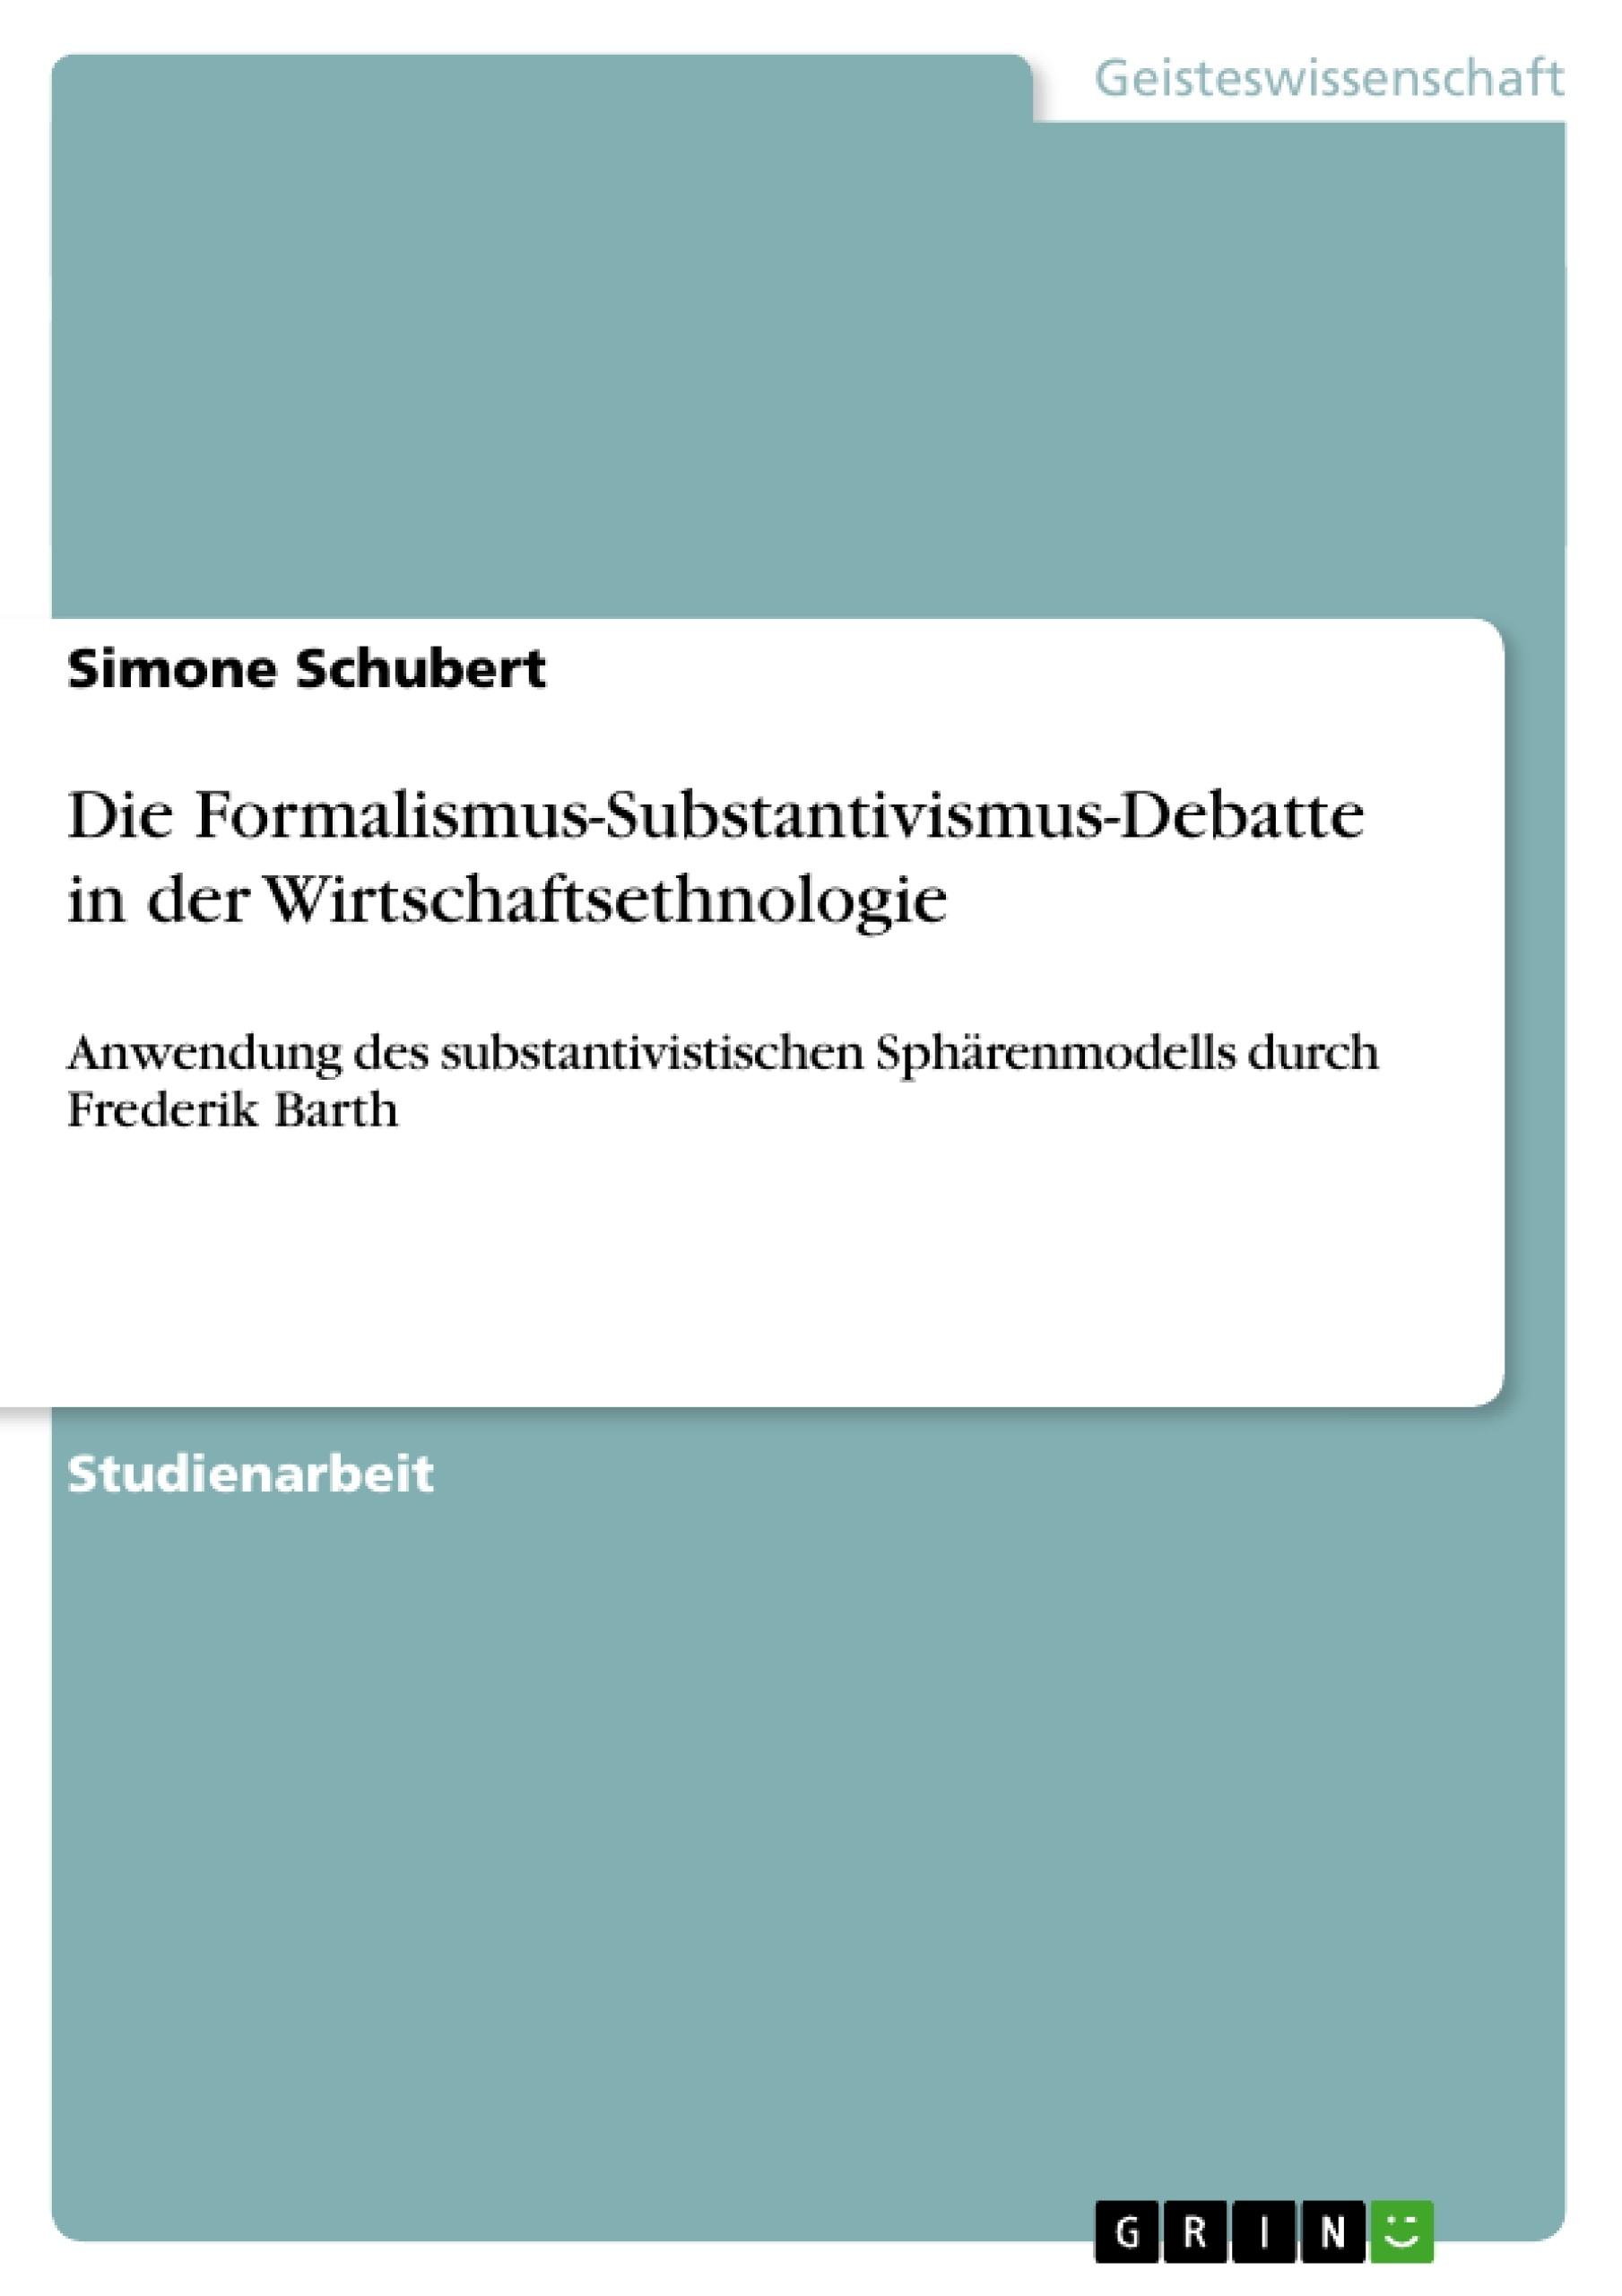 Titel: Die Formalismus-Substantivismus-Debatte in der Wirtschaftsethnologie